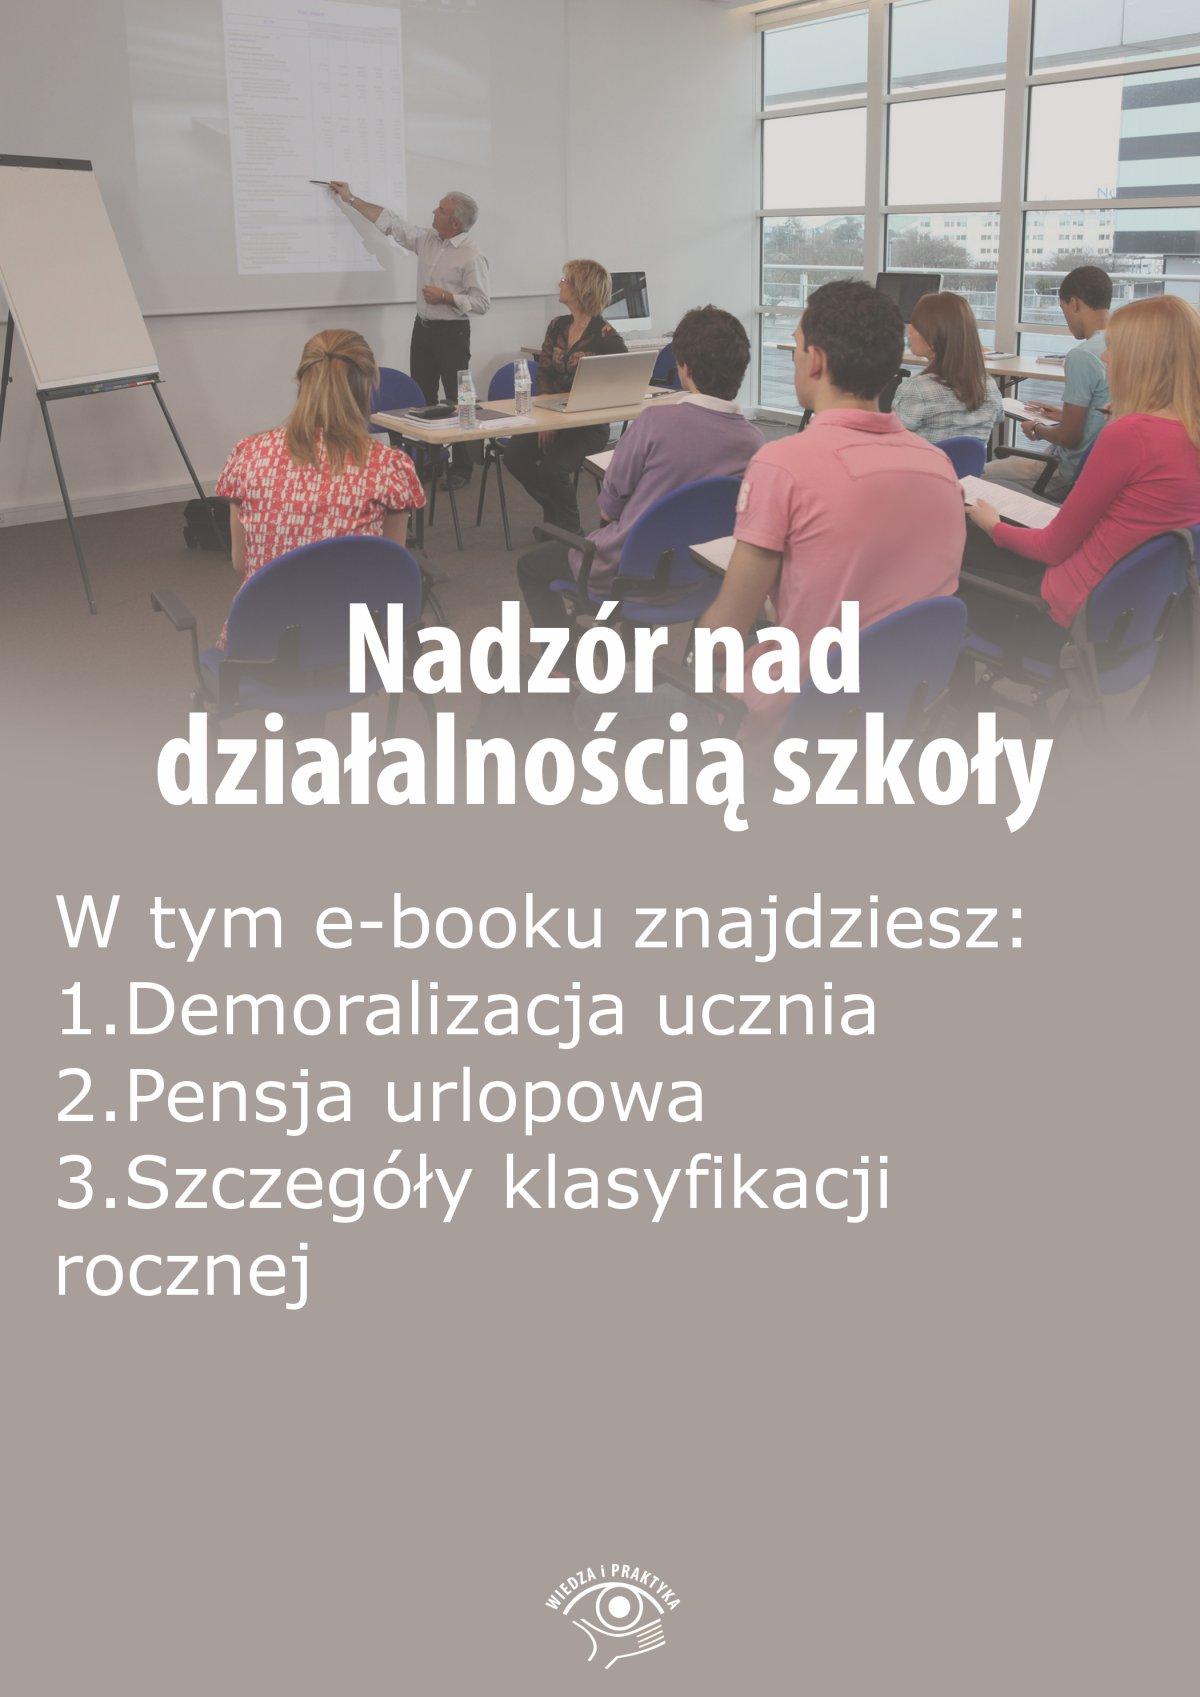 Nadzór nad działalnością szkoły, wydanie czerwiec 2015 r. - Ebook (Książka EPUB) do pobrania w formacie EPUB